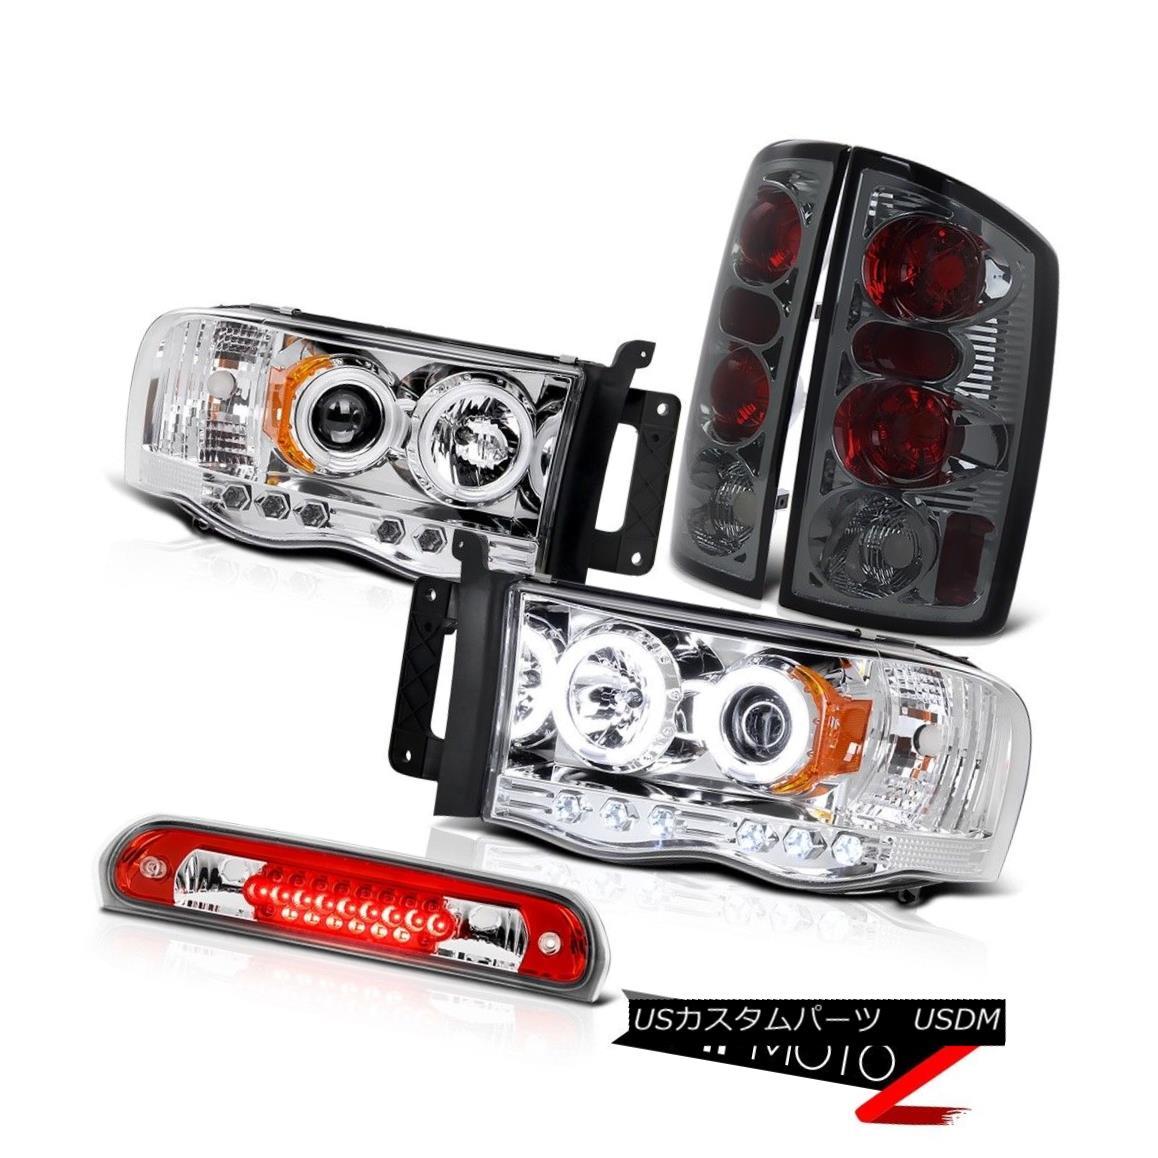 ヘッドライト Clear CCFL Halo Headlights Smoke Tail Lamps Roof Brake LED Red 2002-2005 Ram V8 クリアCCFLハローヘッドライトスモークテールランプルーフブレーキLEDレッド2002-2005 Ram V8